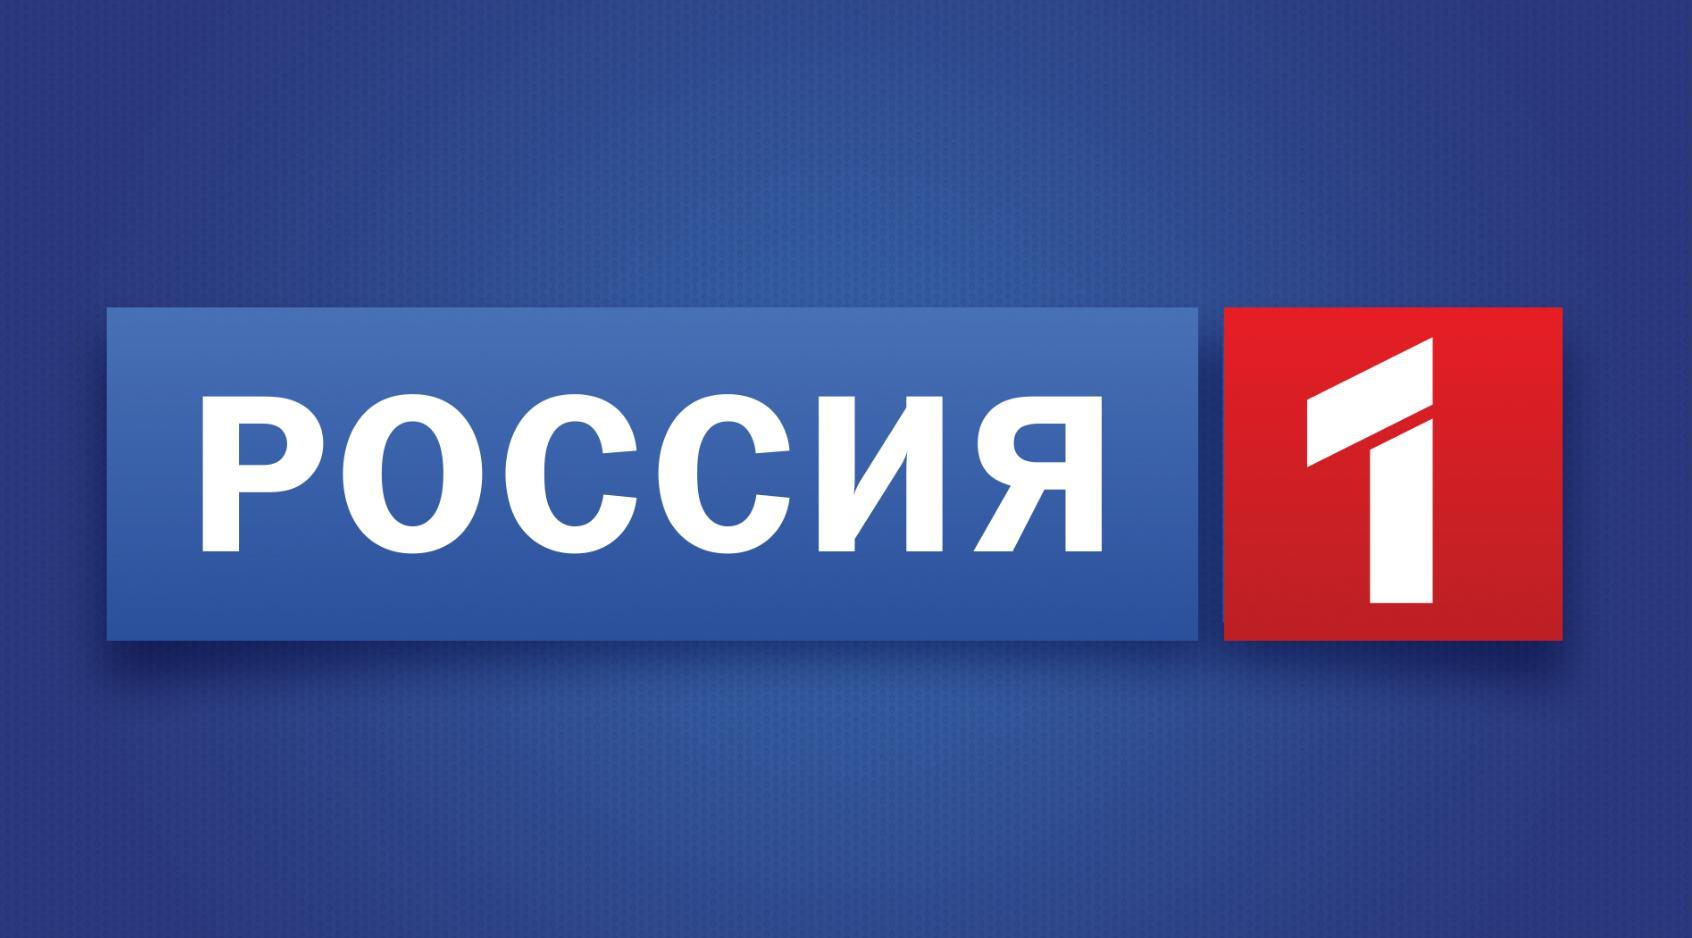 Программа передач на сегодня россия 1 смотреть